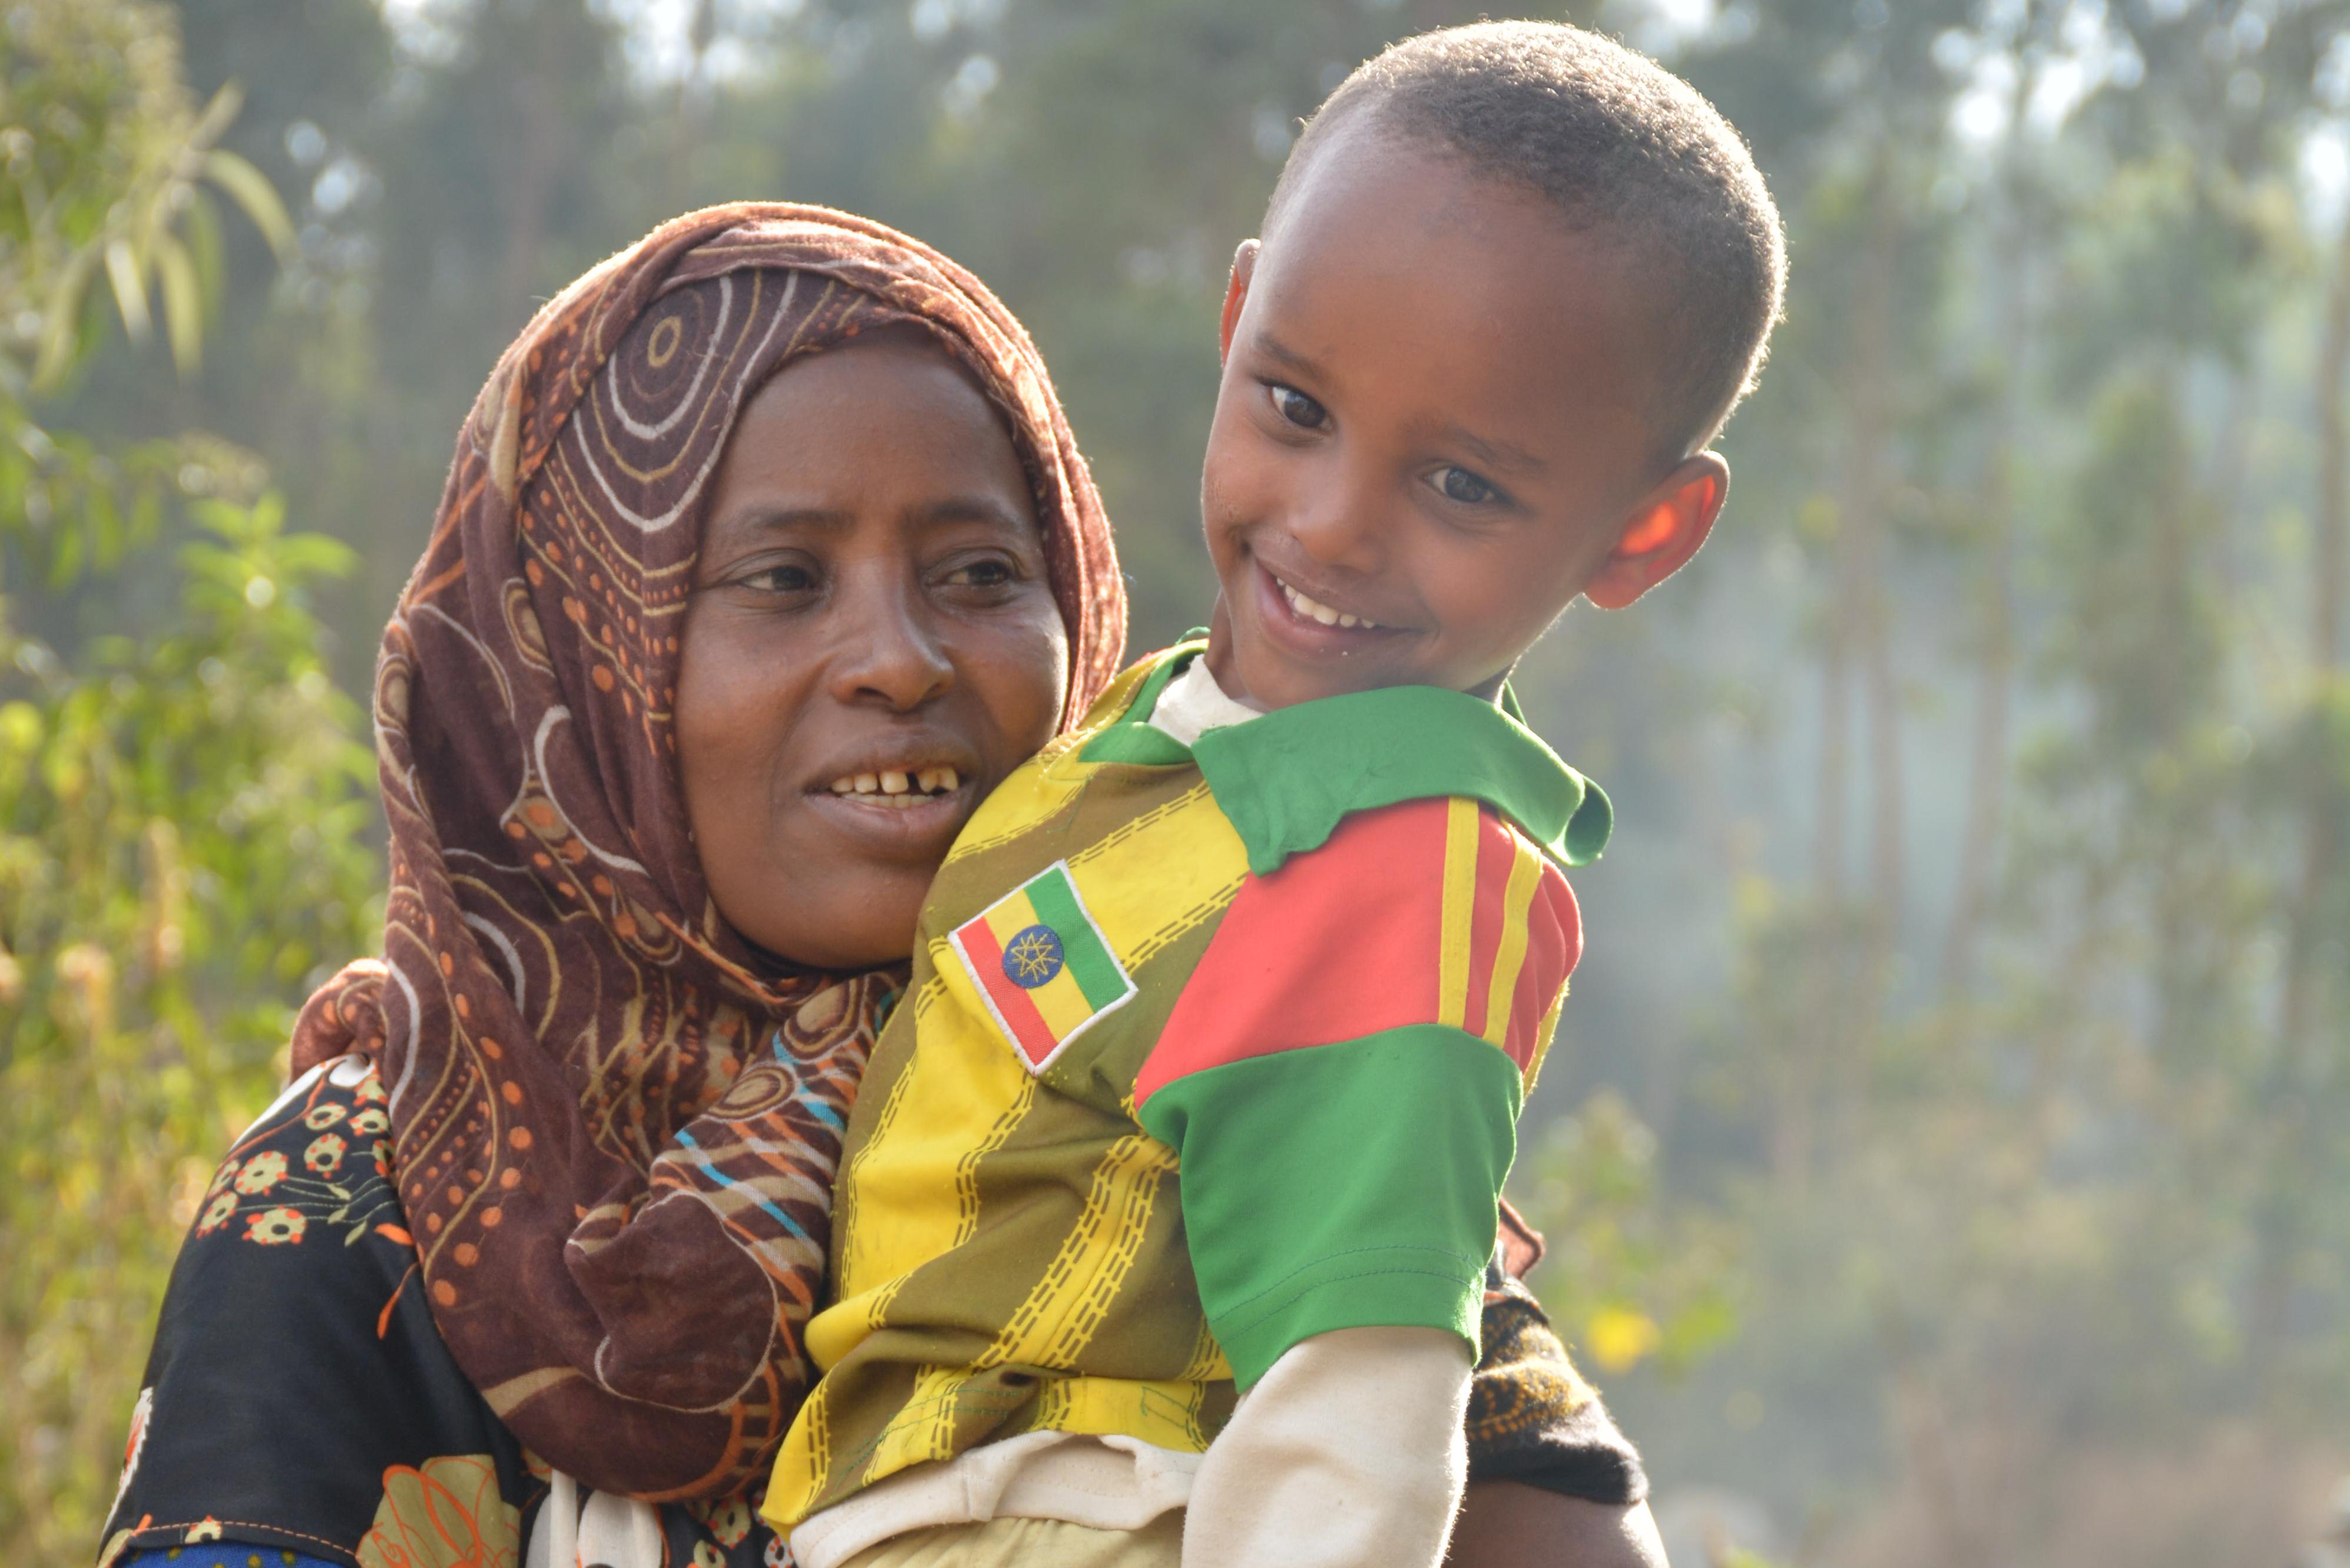 En kvinna bär på sin son. Bilden är tagen utomhus med träd i bakgrunden.